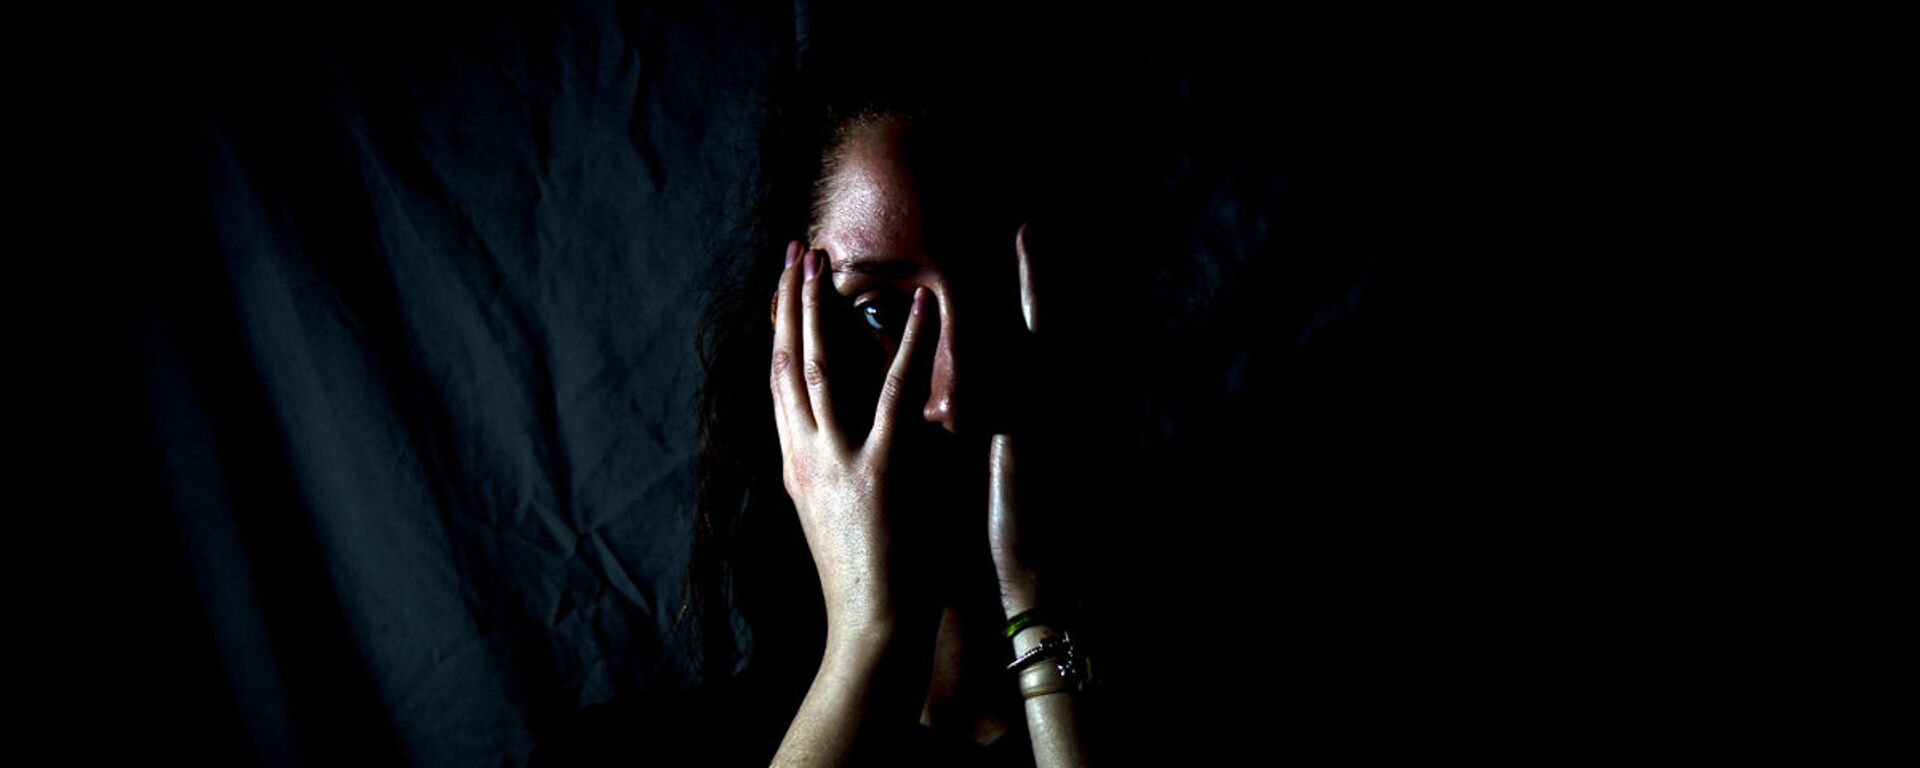 Девушка закрывает лицо руками - Sputnik Узбекистан, 1920, 06.10.2020